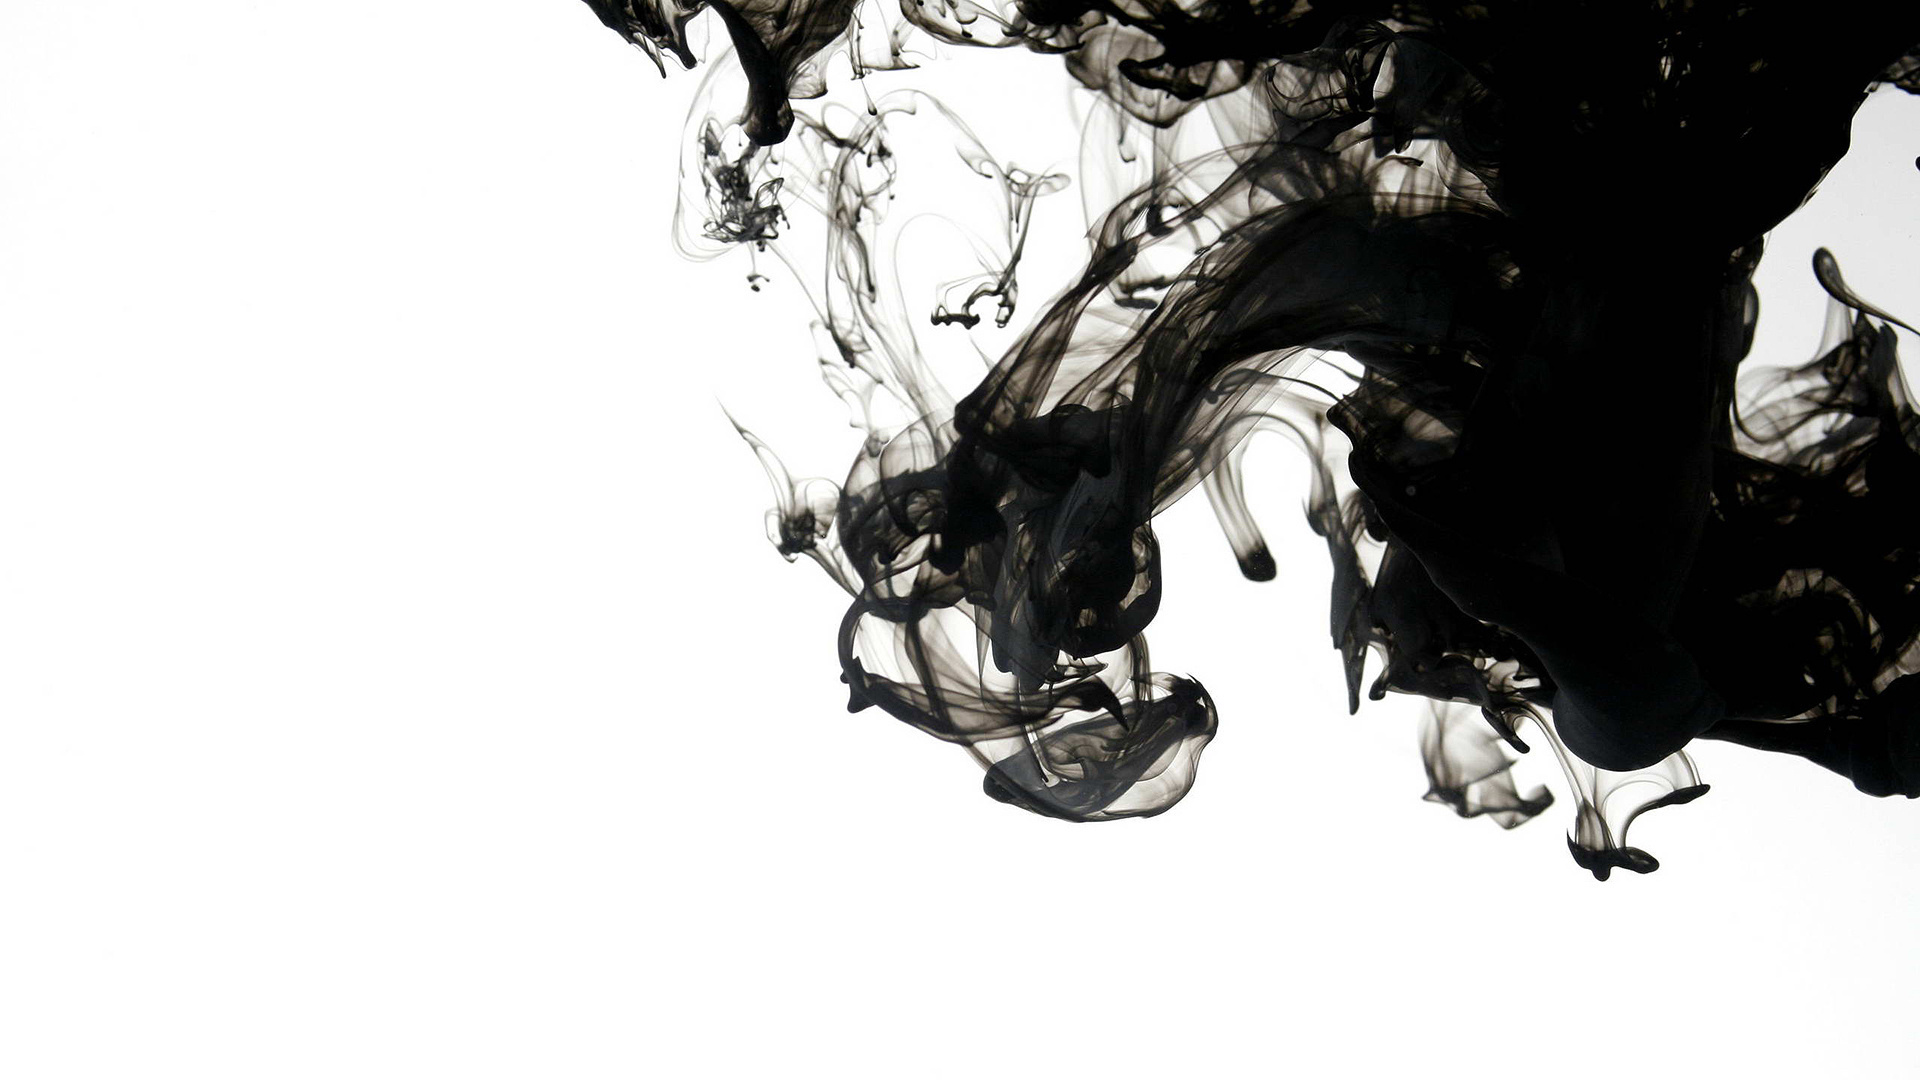 Black Smoke Wallpaper 27441 1920x1080 px HDWallSourcecom